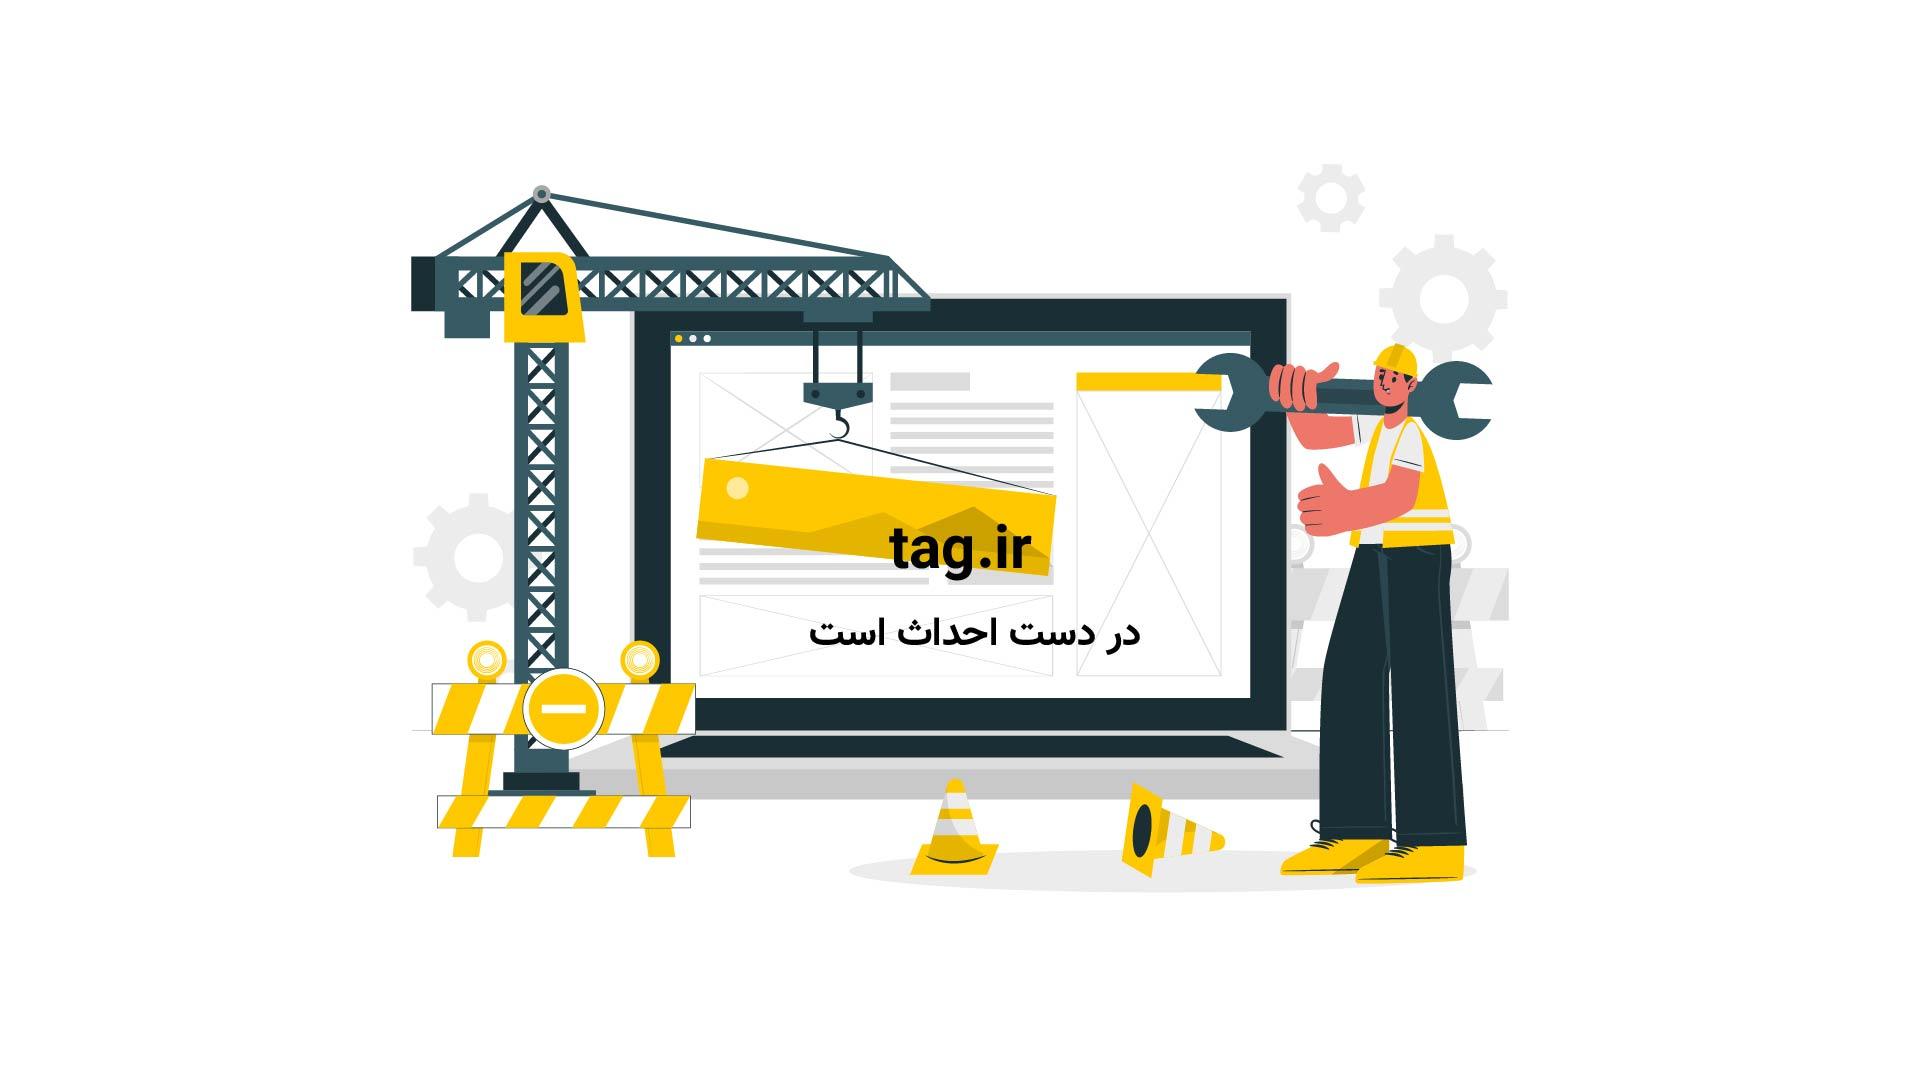 صعود تیم ملی فوتسال ایران به مرحله نیمهنهایی + فیلم